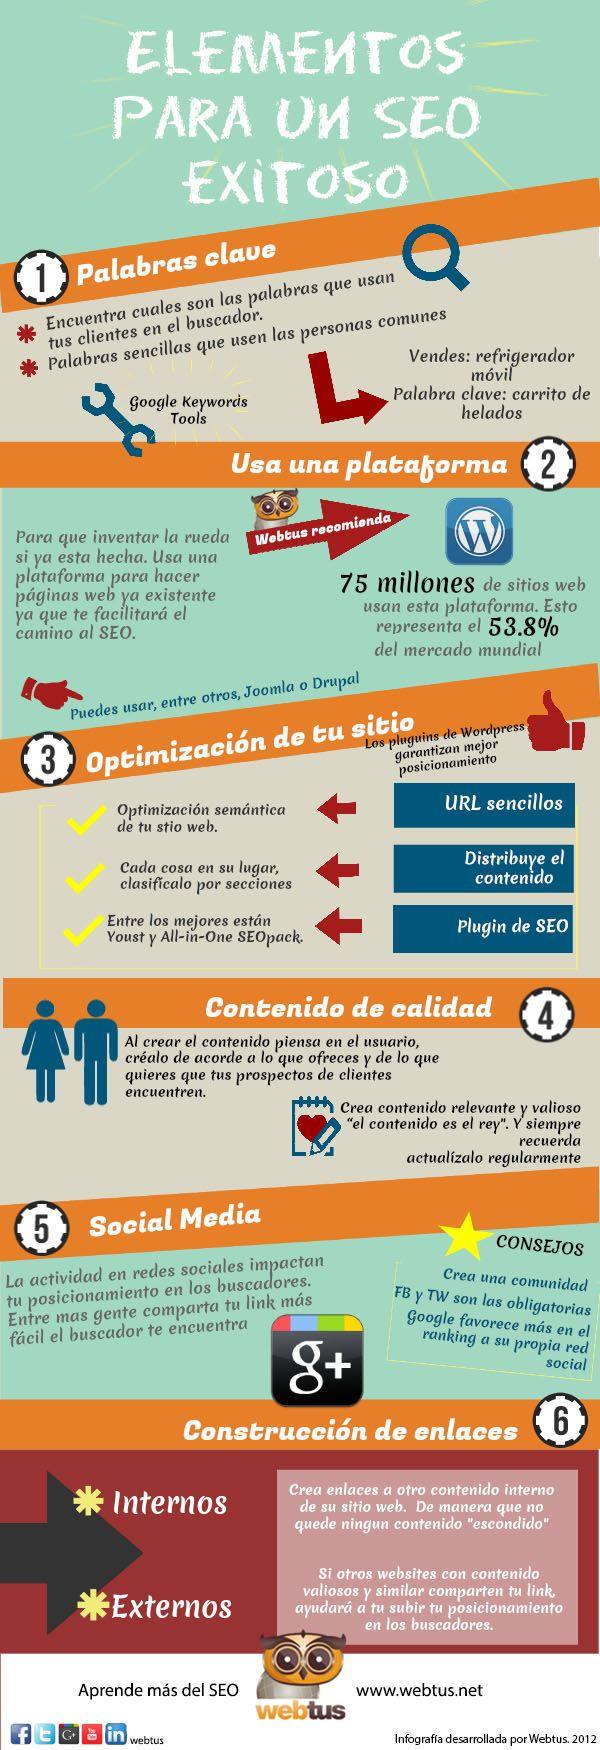 Elementos para un #SEO exitoso #infografia en español